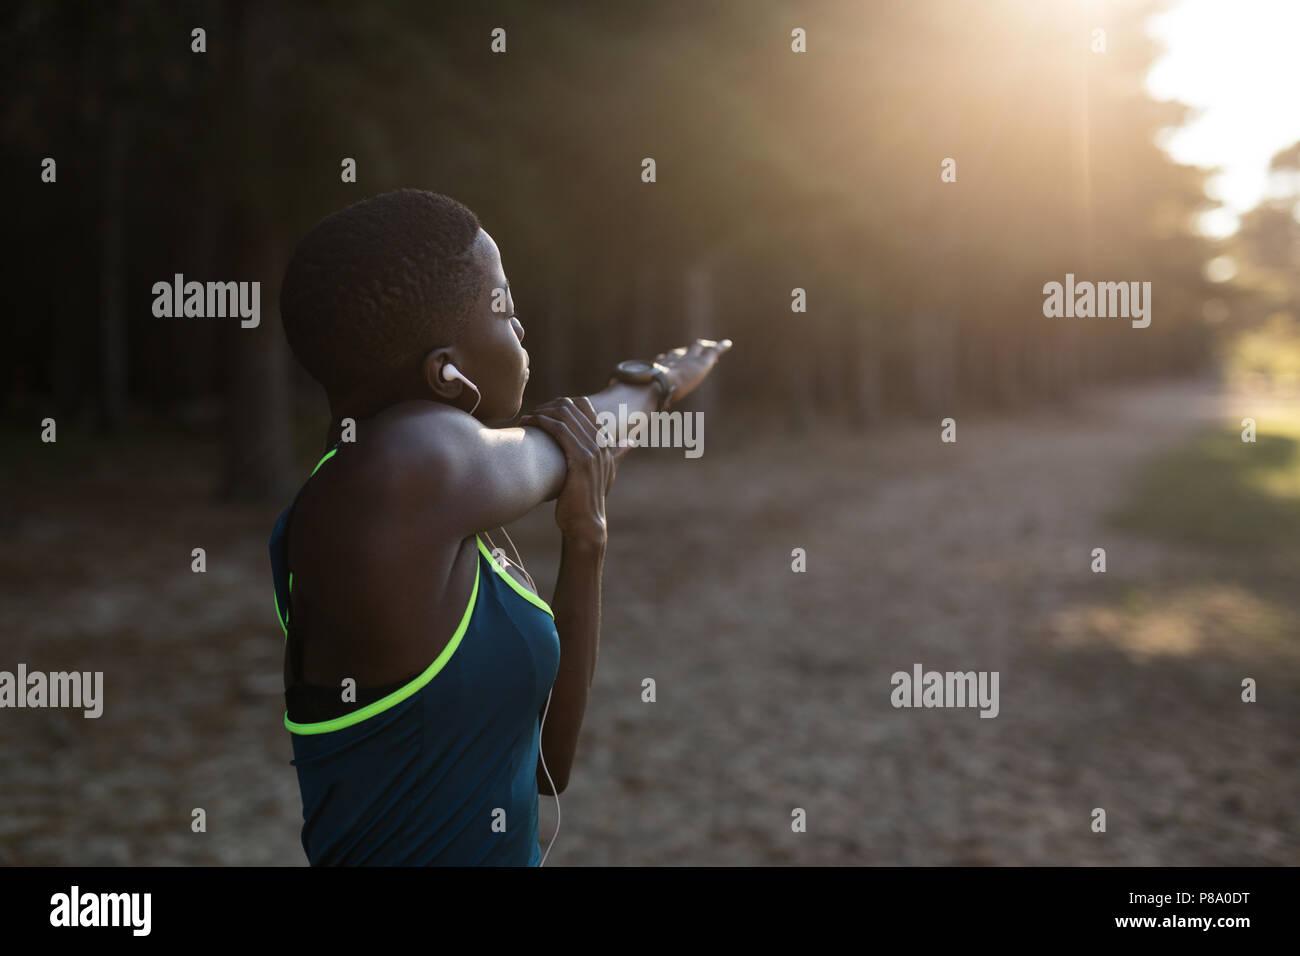 Female athlete doing stretching exercise - Stock Image